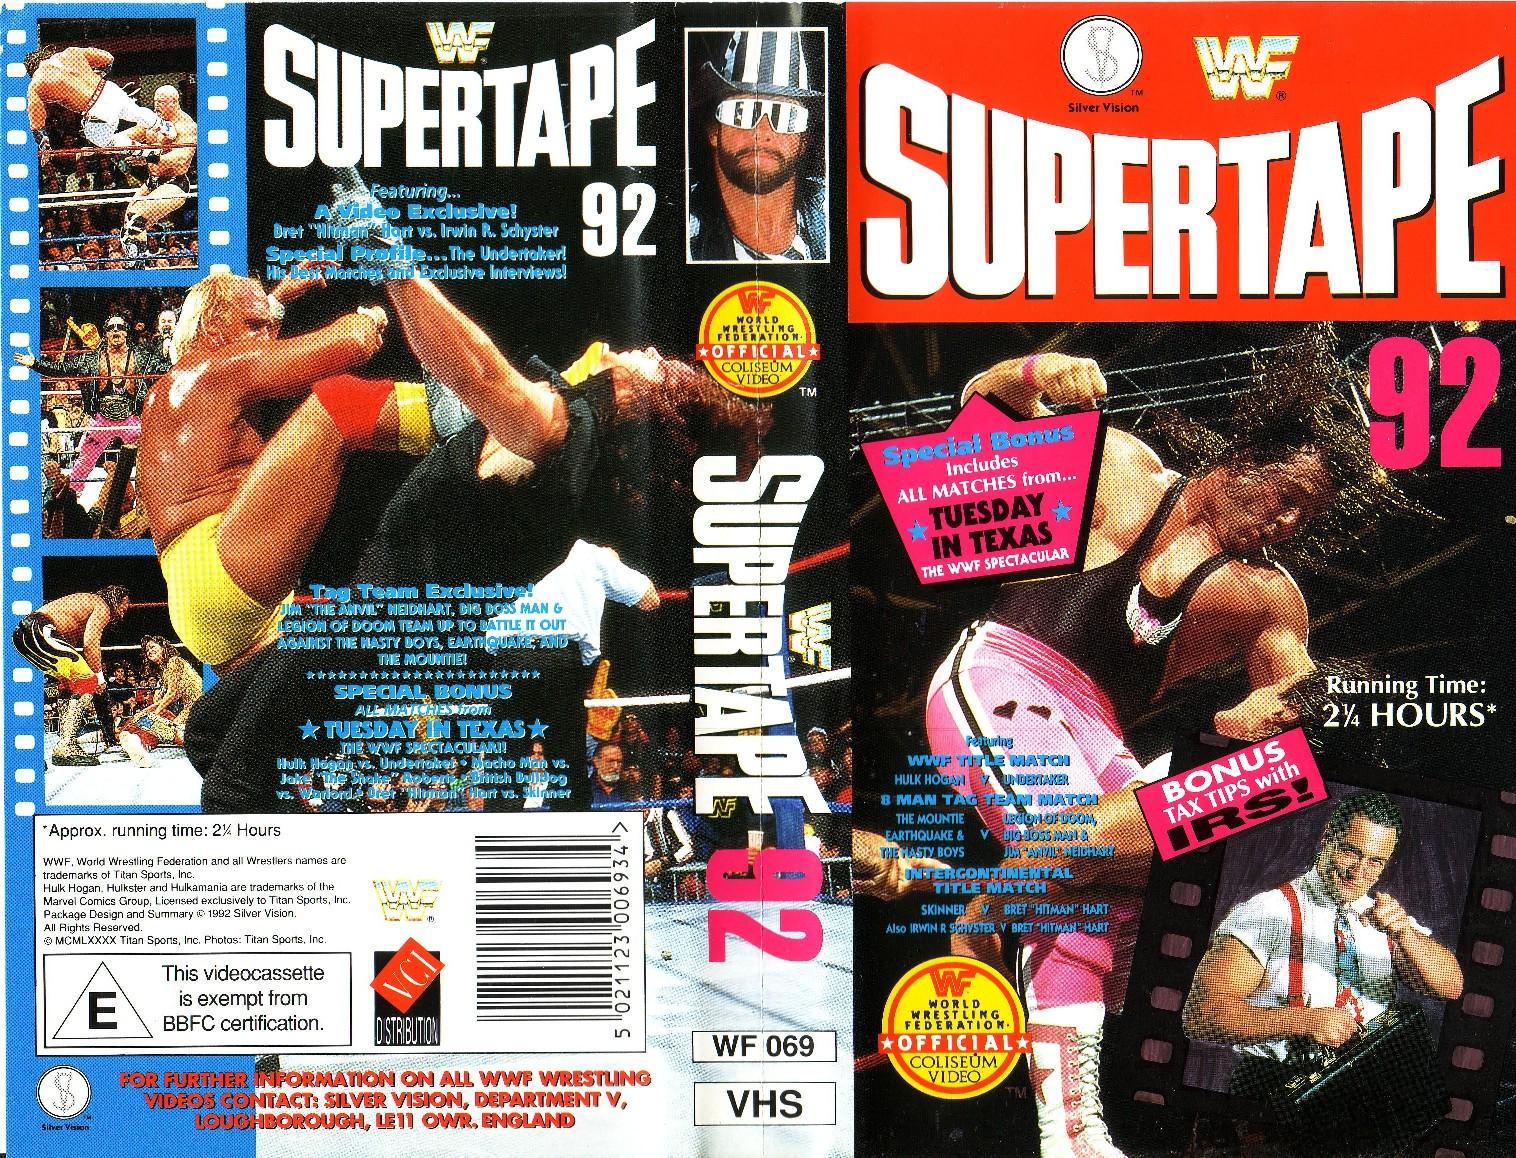 WWF__WWE_SUPERTAPE_92_-_Cover